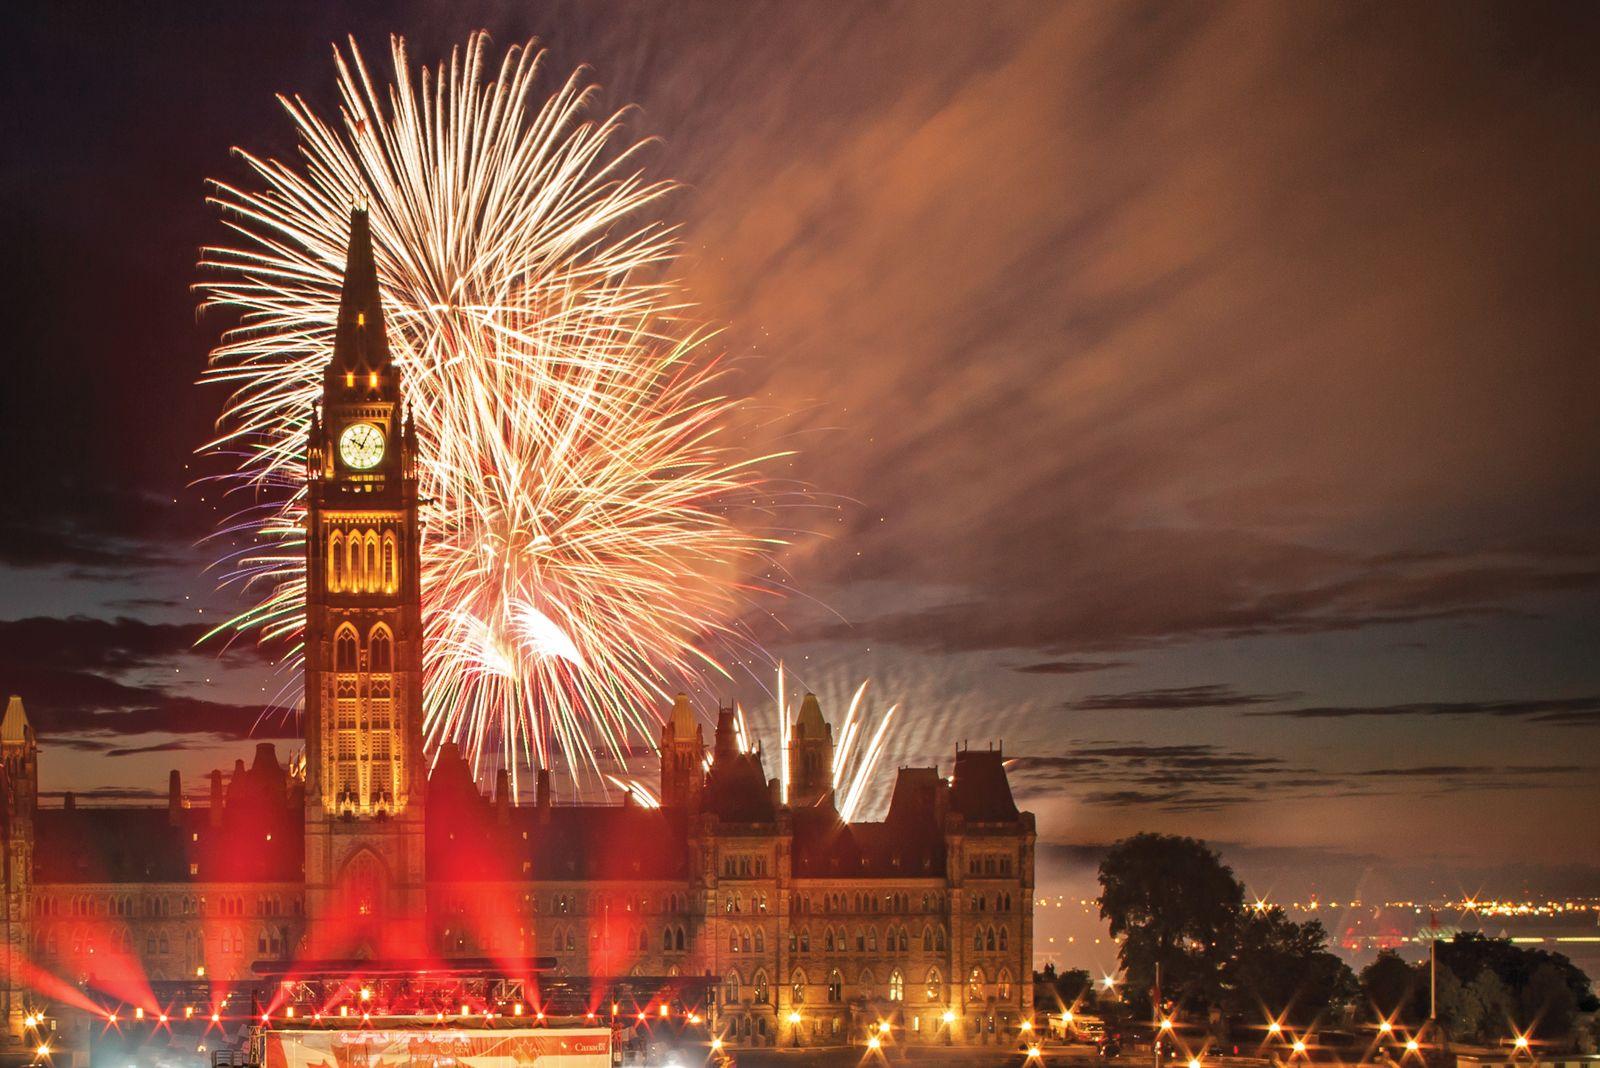 Feuerwerk in Ottawas Innenstadt